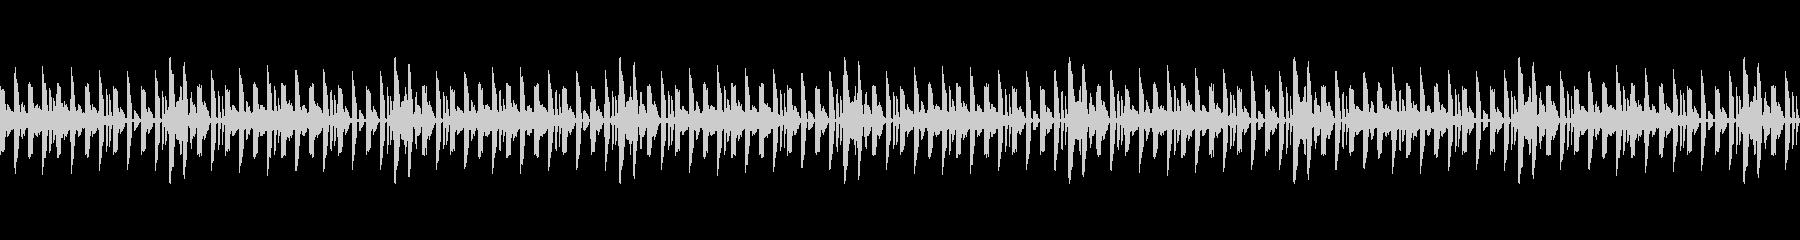 テクノなドラムループの未再生の波形